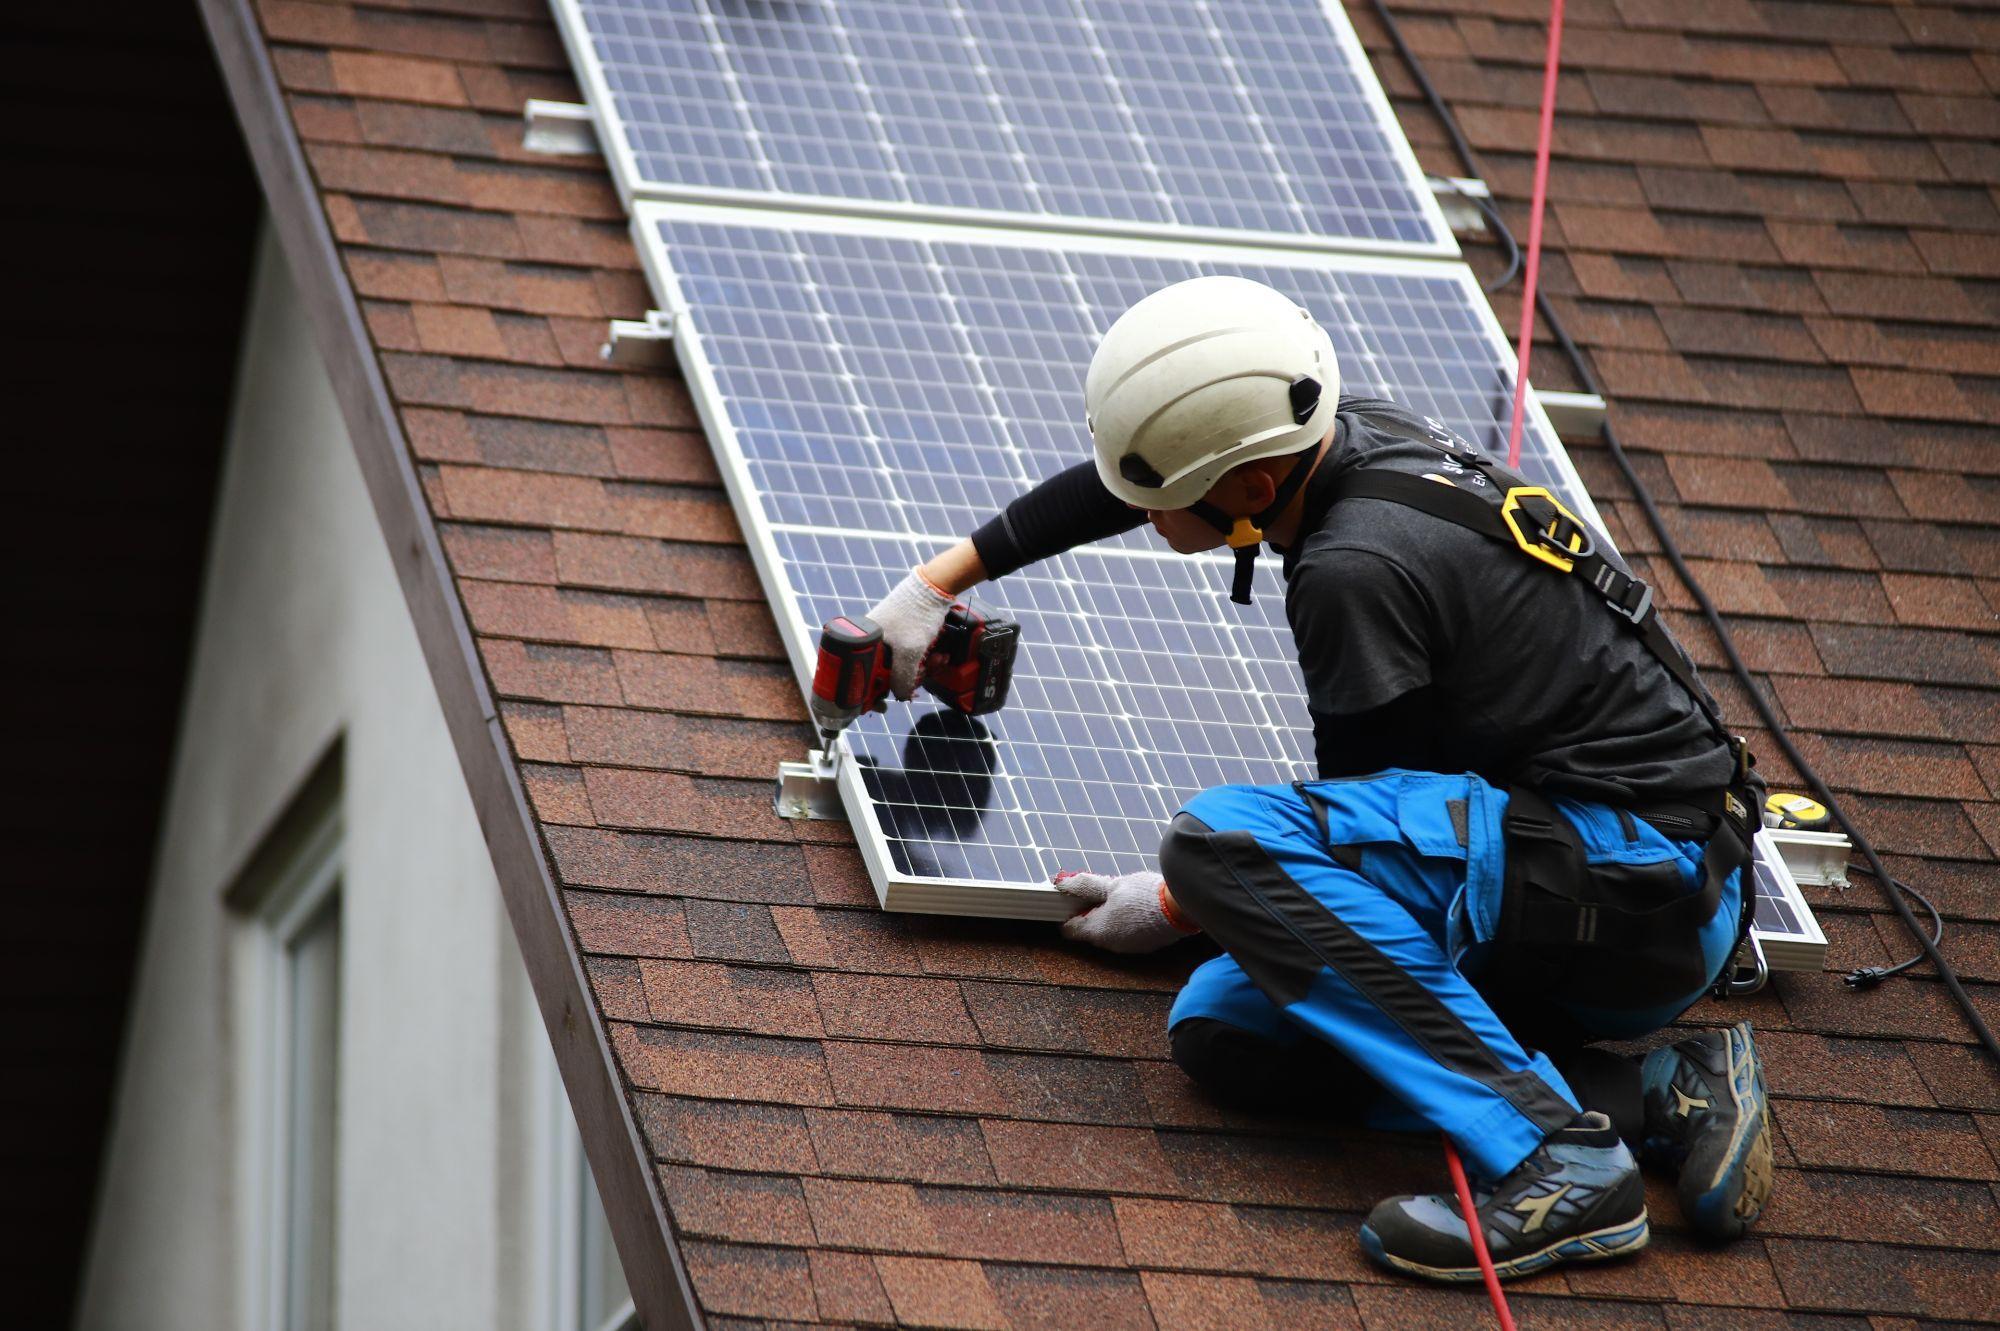 Panele słoneczne - inwestycja lepsza niż lokata i gra na giełdzie - Zdjęcie główne